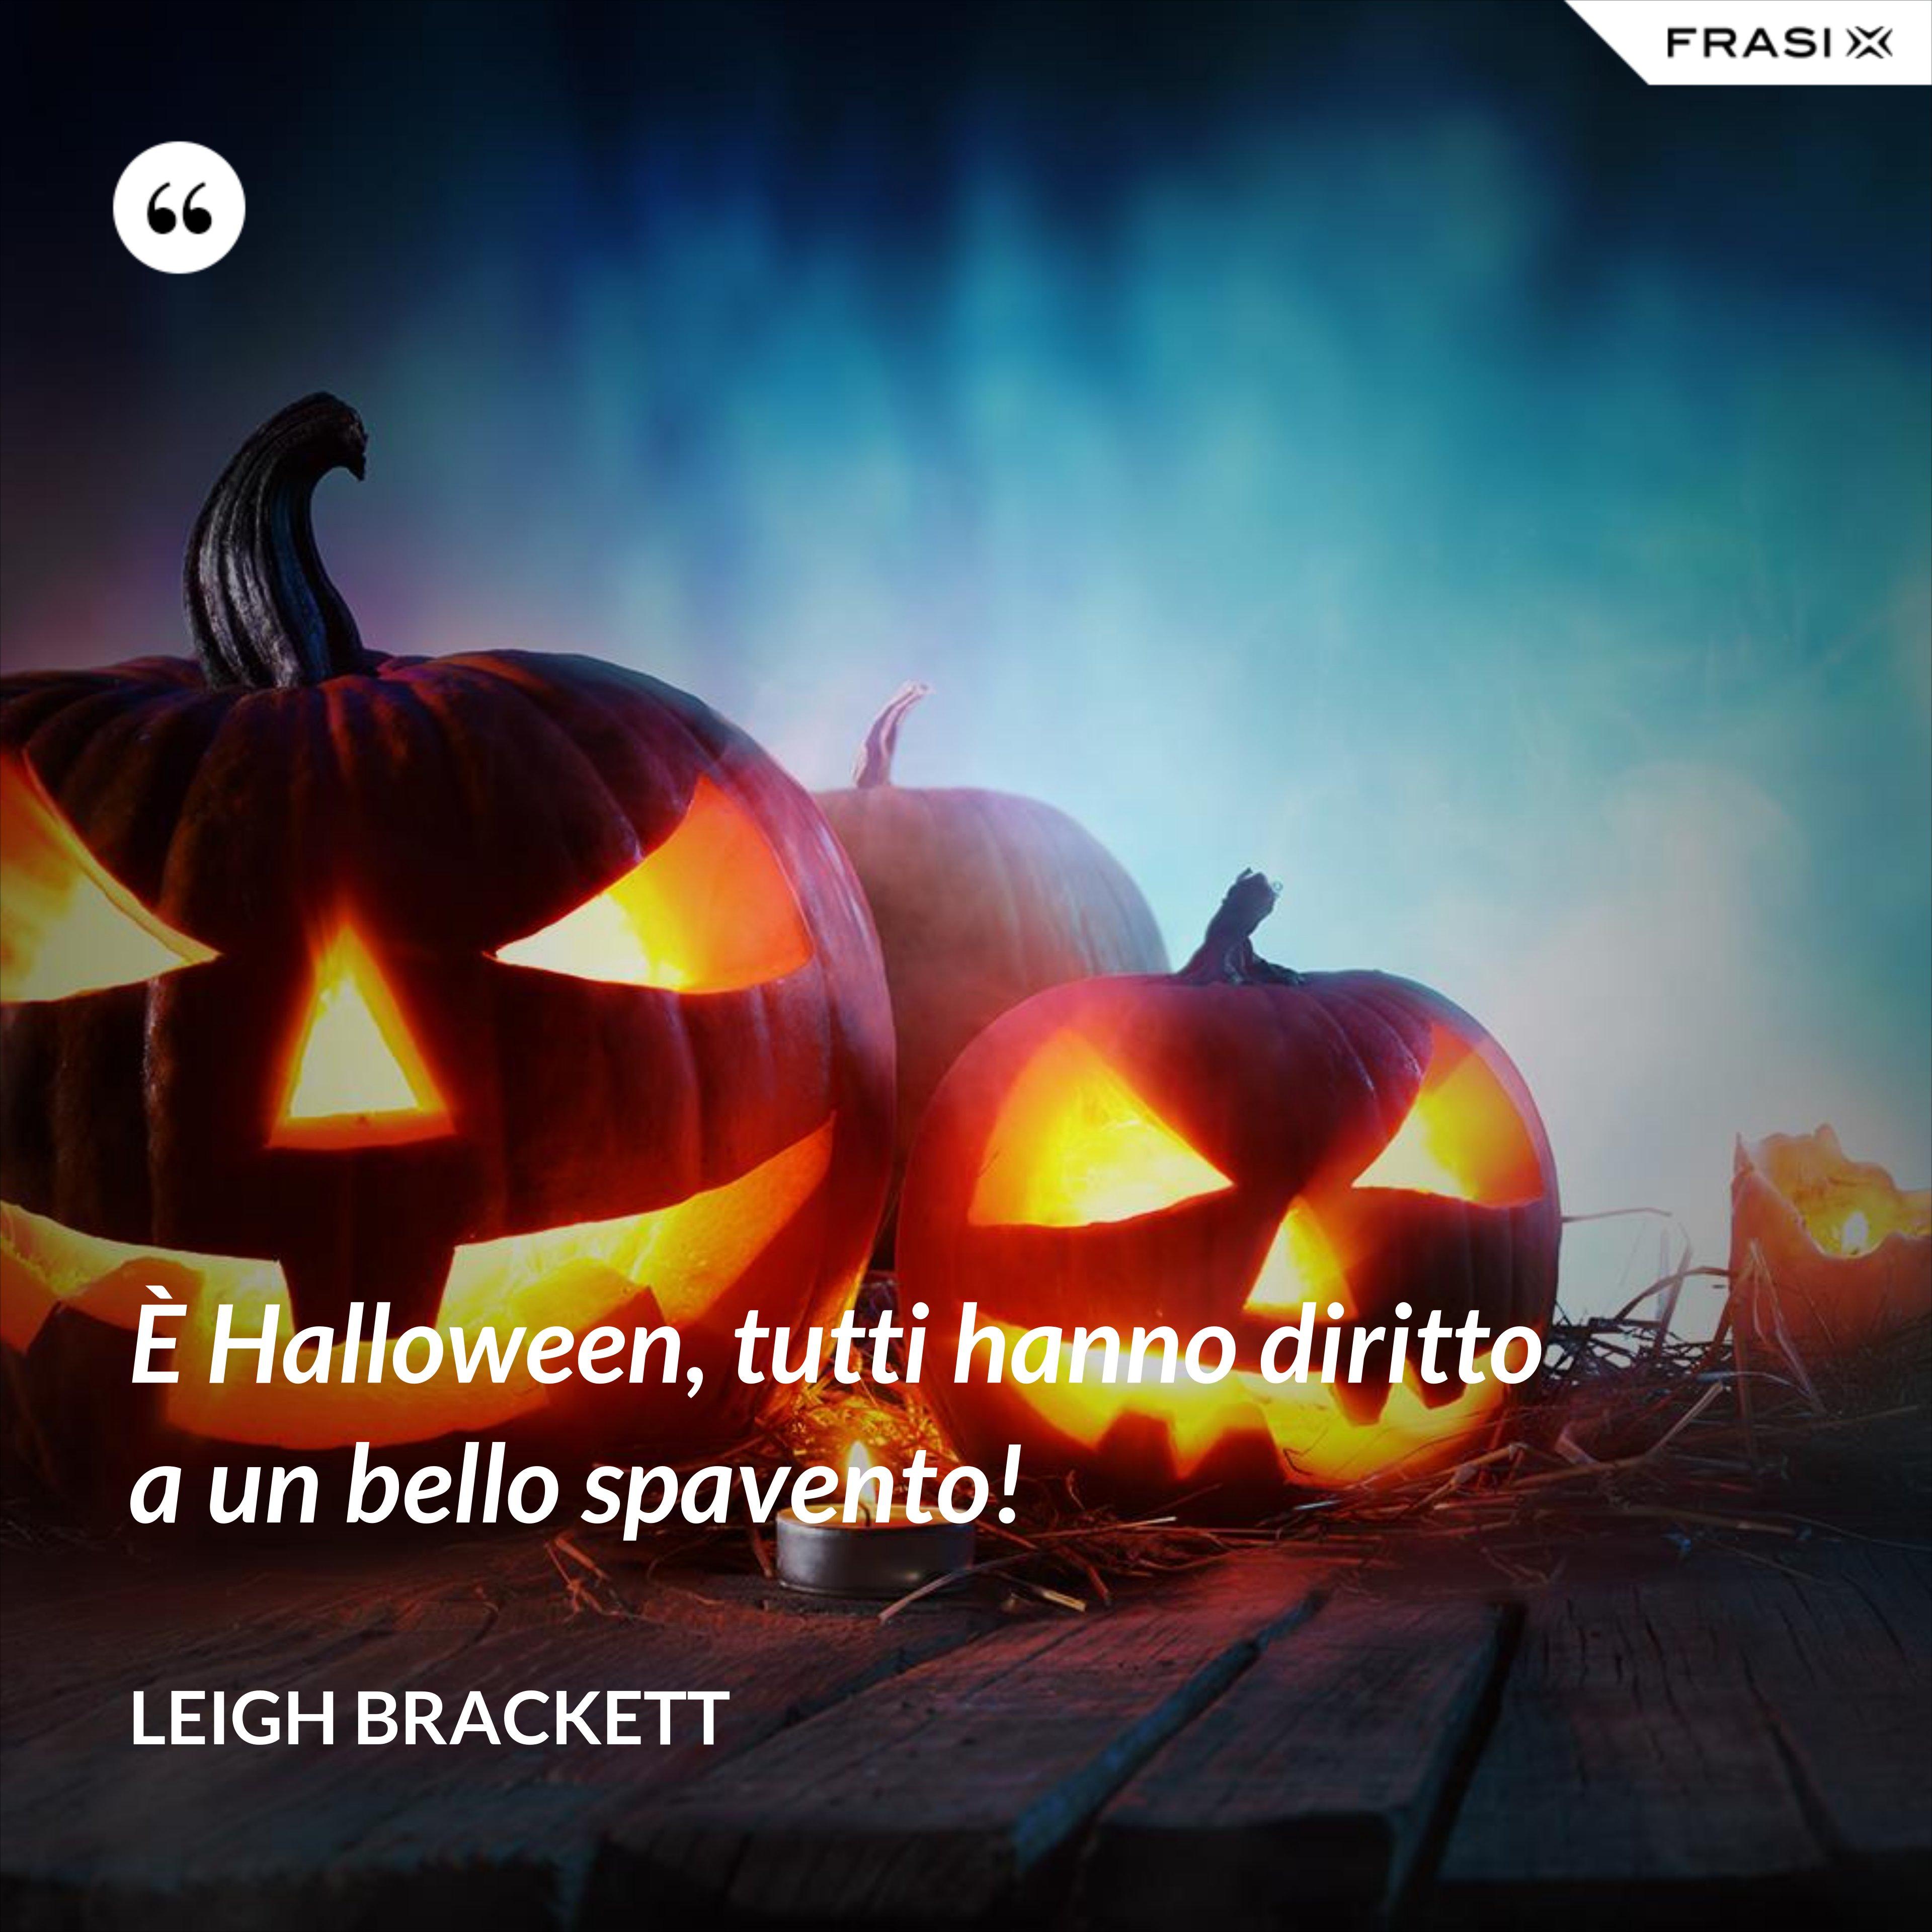 È Halloween, tutti hanno diritto a un bello spavento! - Leigh Brackett